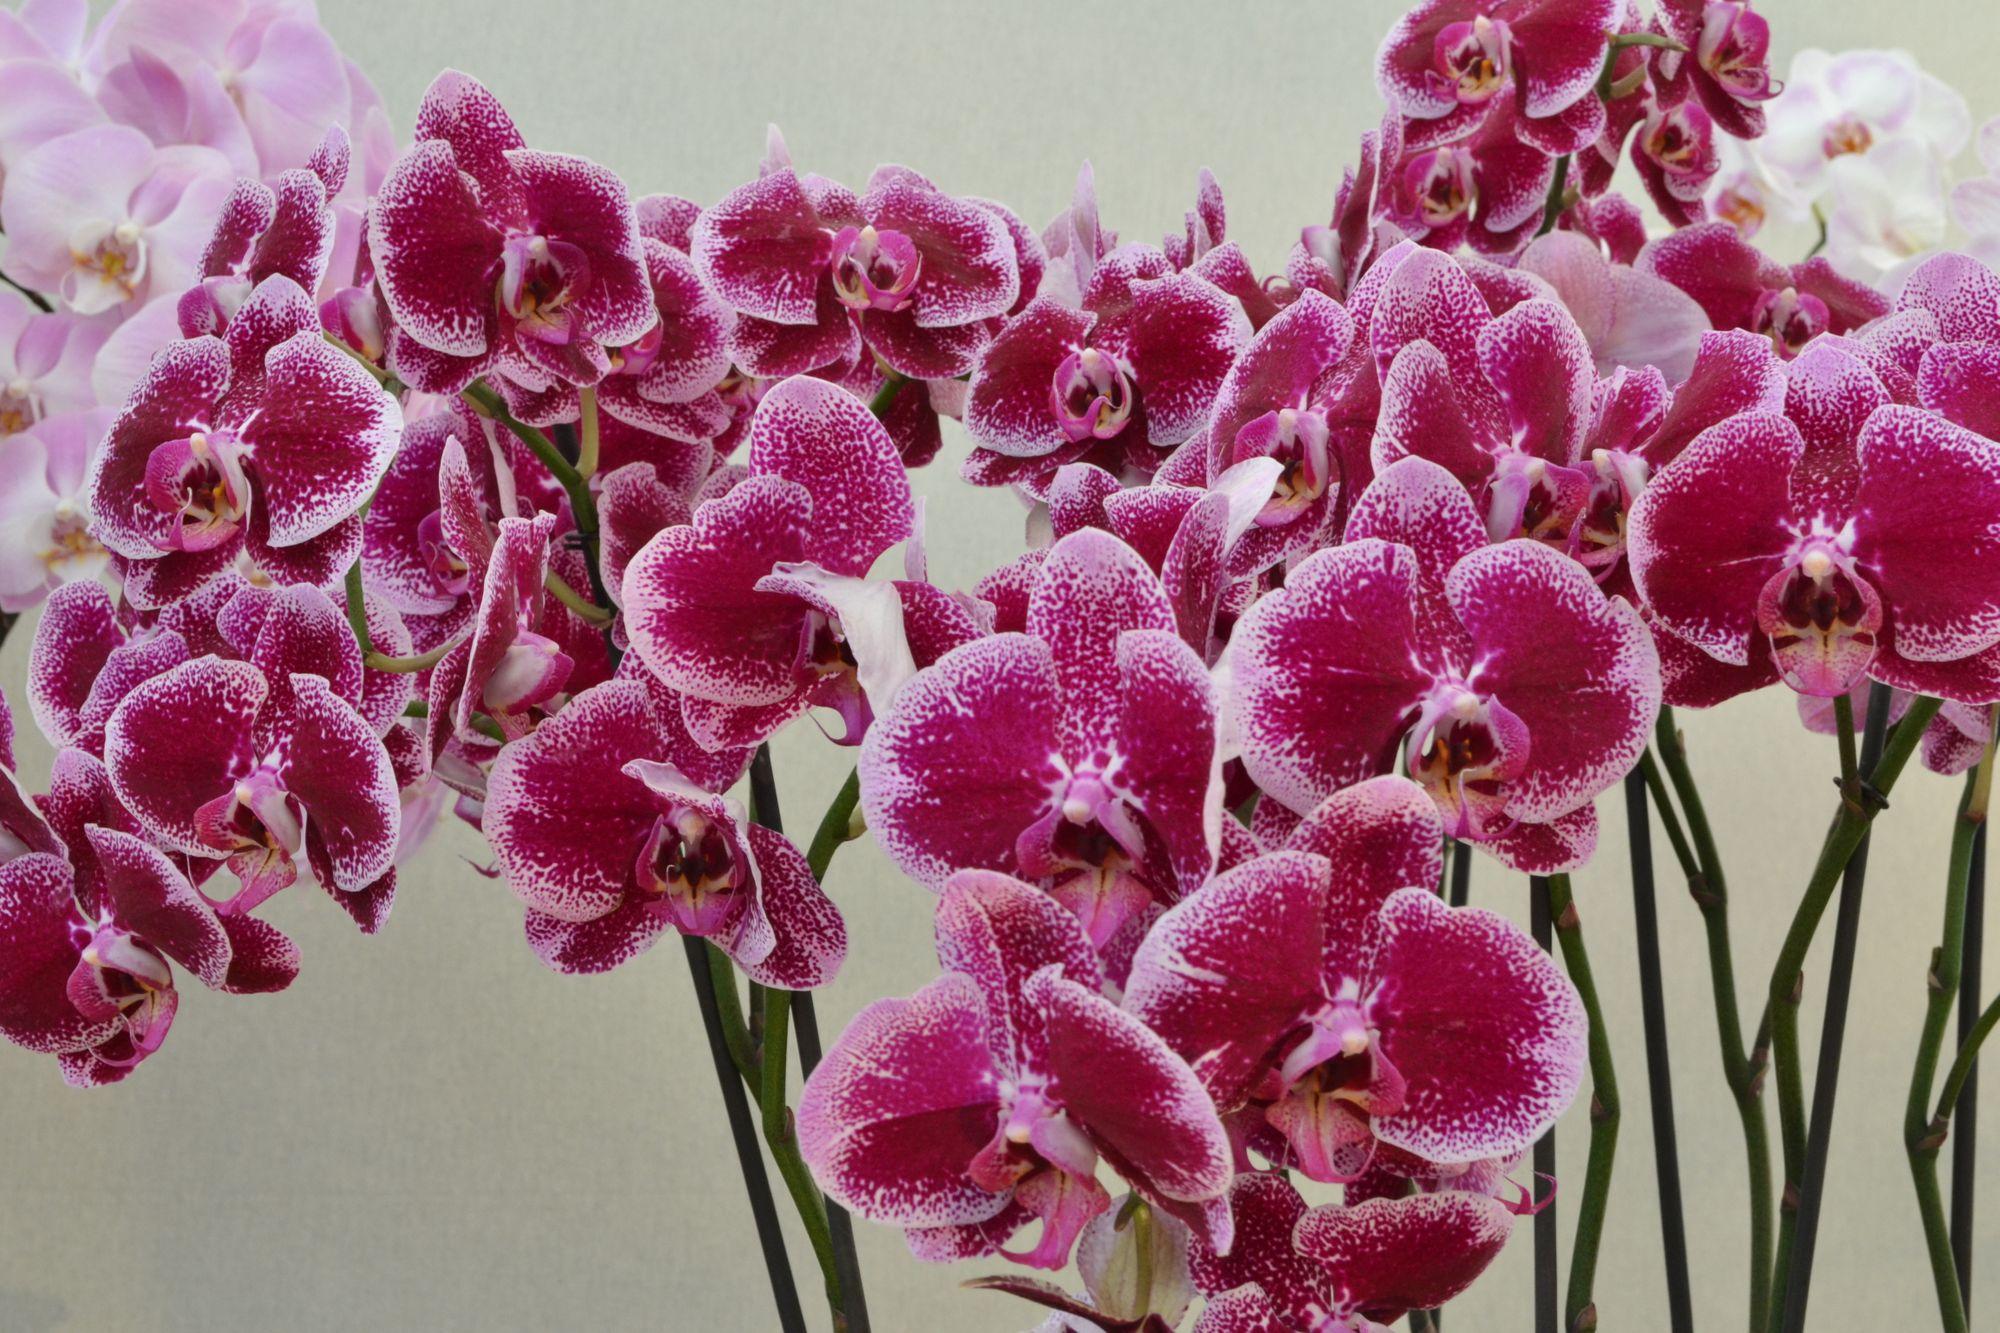 Apie orchidėjas falenopsius